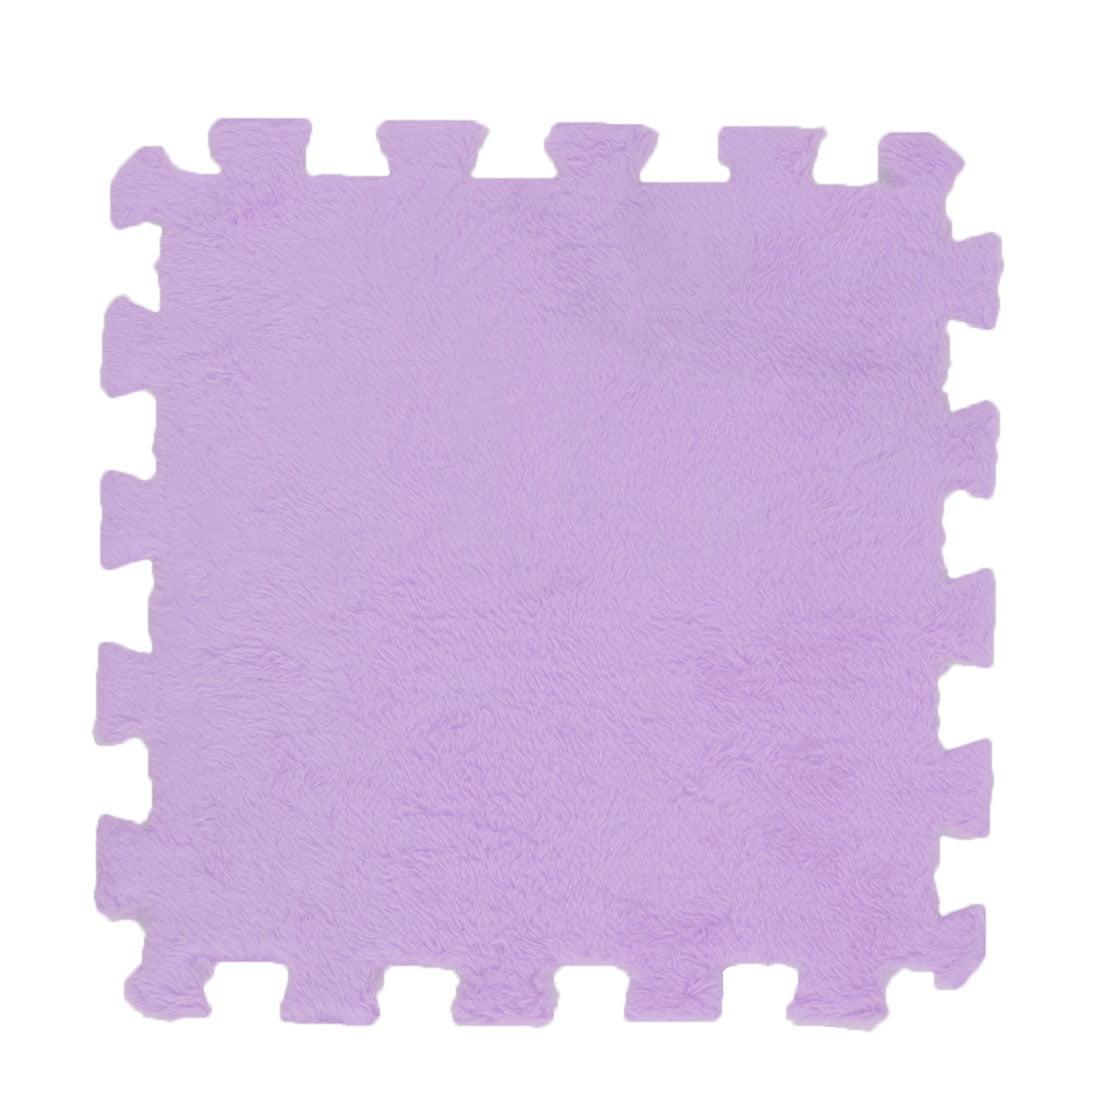 Household Bathroom Coral Fleece Square Shape Antiskid Door Floor Mat Pad Purple